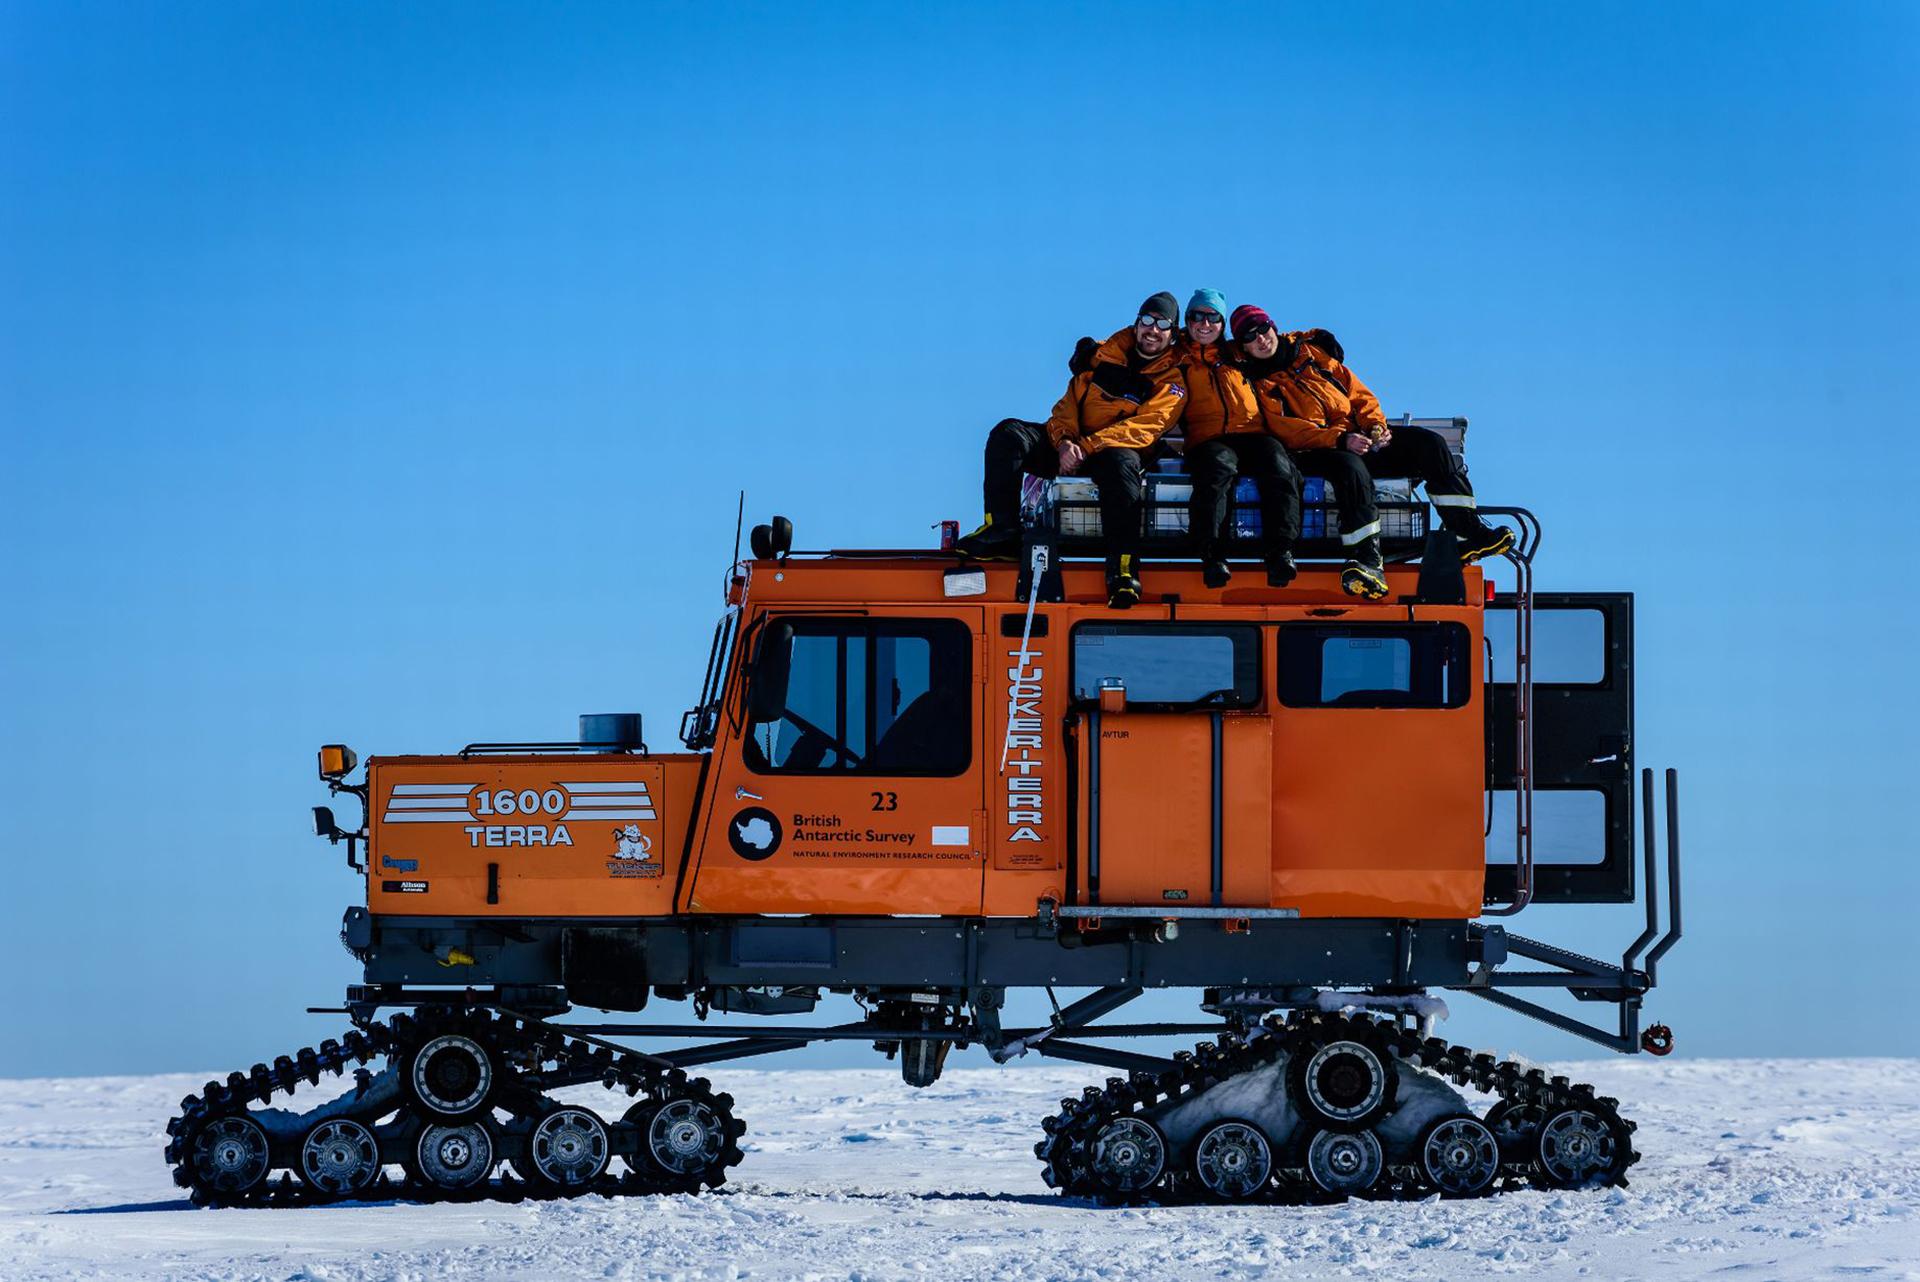 Michal Krzysztofowicz pasó un año trabajando en la Antártida, en la Estación de Investigación Halley VI. Registró cada día con su cámara fotográfica